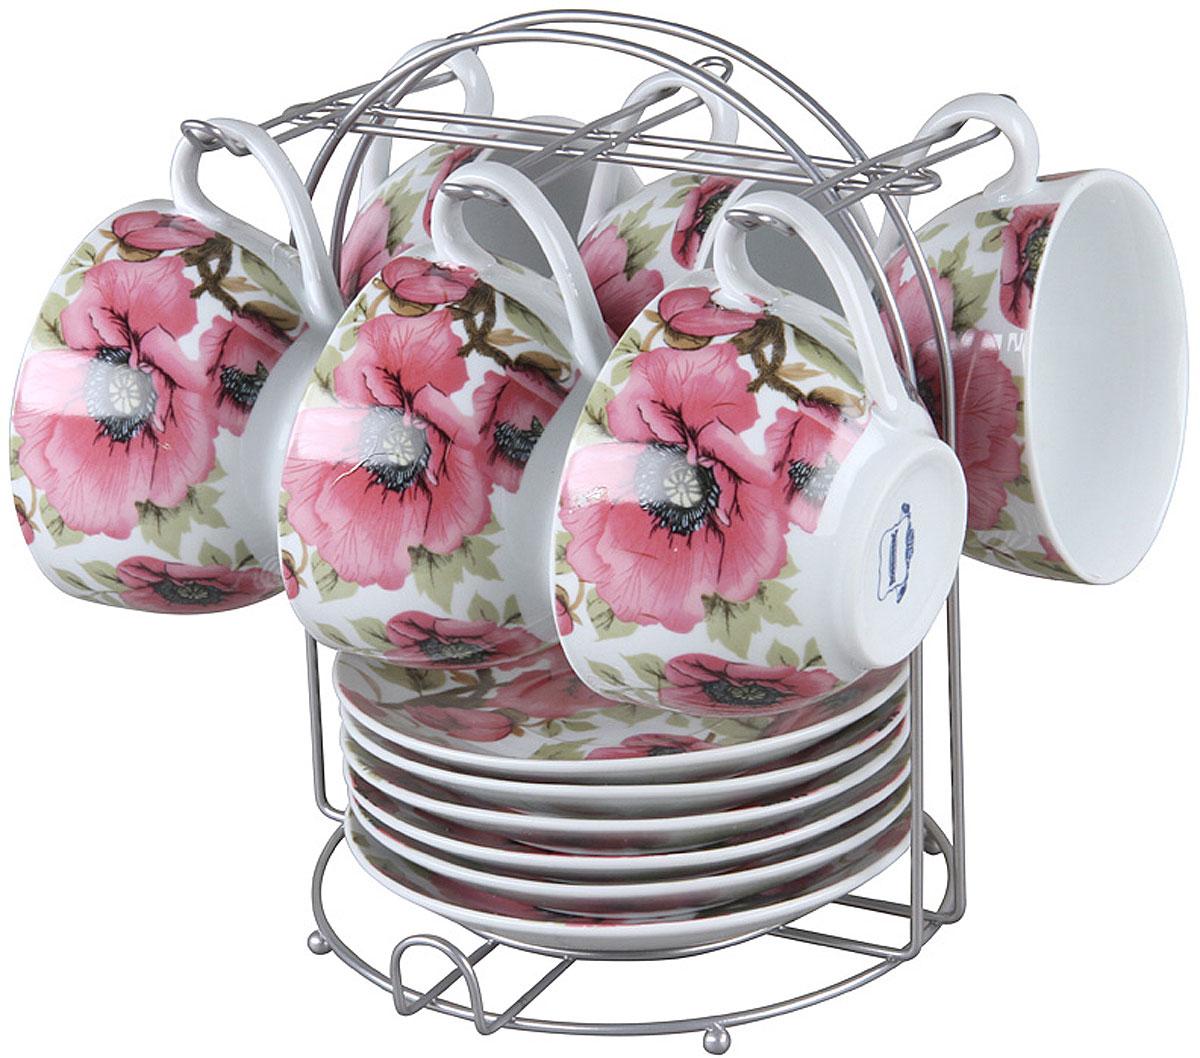 Чайный набор Rosenberg RPO-115019-13 изготовлен из фарфора и дополнен дизайнерским рисунком.  Посуда из этого материала позволяет максимально сохранить полезные свойства и вкусовые качества воды.  Заварите крепкий, ароматный чай или кофе в представленном наборе, и вы получите заряд бодрости, позитива и энергии на весь день! Классическая форма и насыщенная цветовая гамма изделий позволят наслаждаться любимым напитком в атмосфере еще большей гармонии и эмоциональной наполненности.  Оцените преимущества чайного набора: Выполнен из качественного материала.  Украшен цветочным узором, поэтому не останется незамеченным.  Является прекрасным подарком для ваших родных и близких.  В комплект входят 13 предметов, включая подставку.  О бренде Rosenberg Огромный ассортимент продукции, качественные материалы и ценовая доступность это основополагающие принципы успеха данного торгового знака на Российском рынке.  По данным начала 2009 года именно Rosenberg являлся самым динамично развивающимся брендом, который всего за 4 года вывел в продажу более 2,5 тысяч наименований товаров.